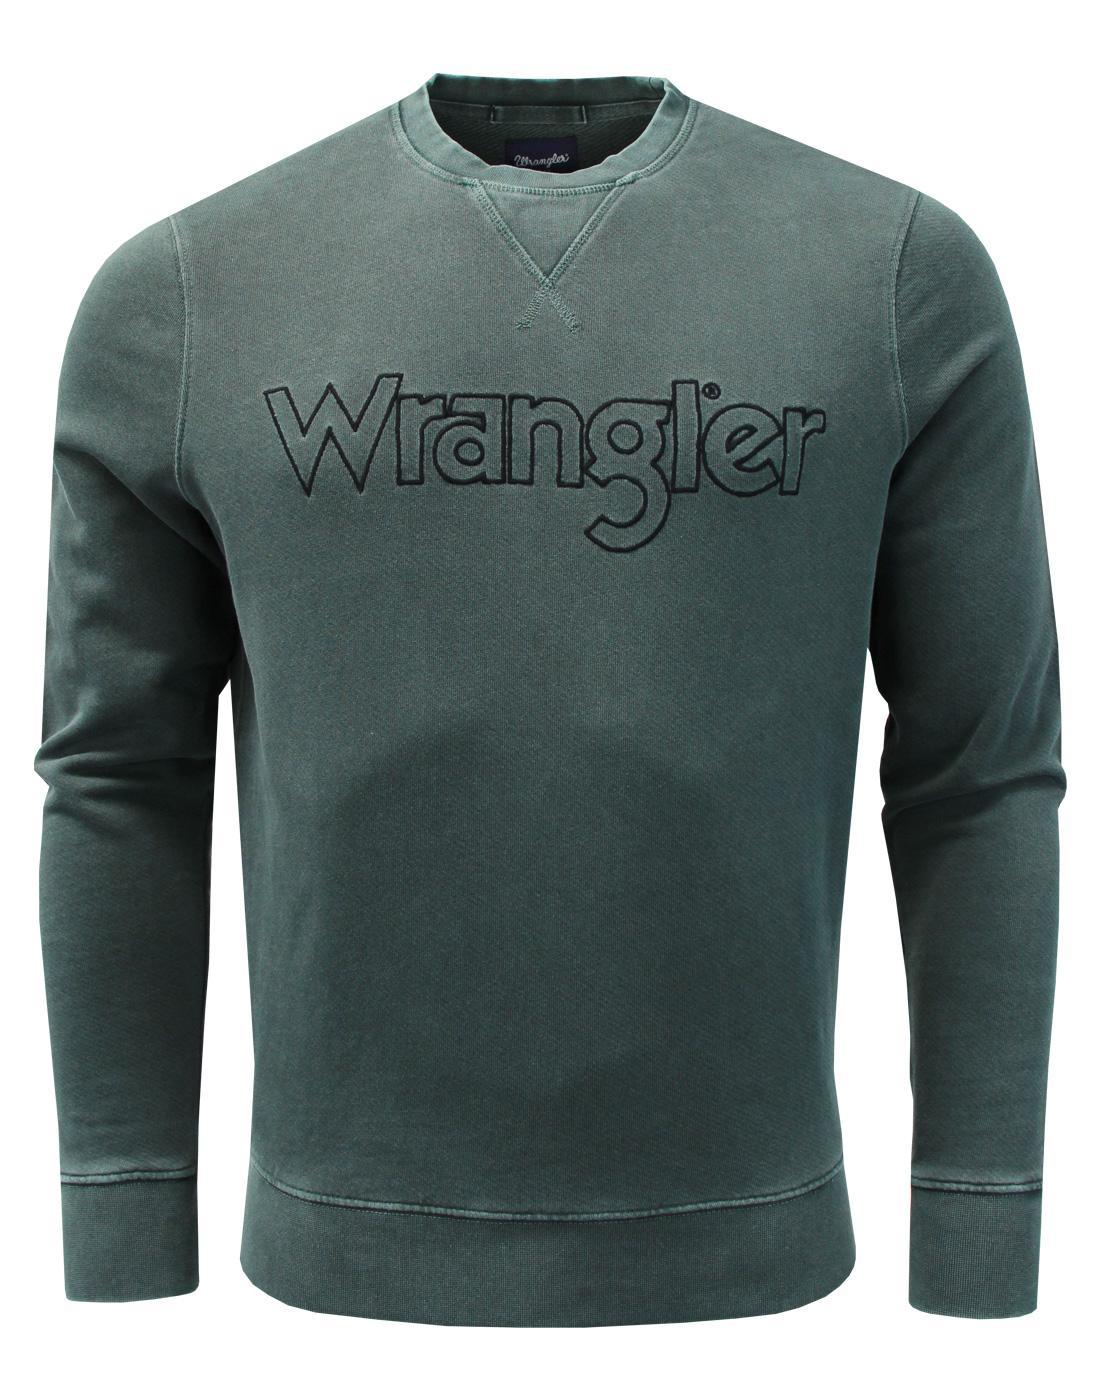 WRANGLER Retro 70s Authentic Crew Sweatshirt GREEN